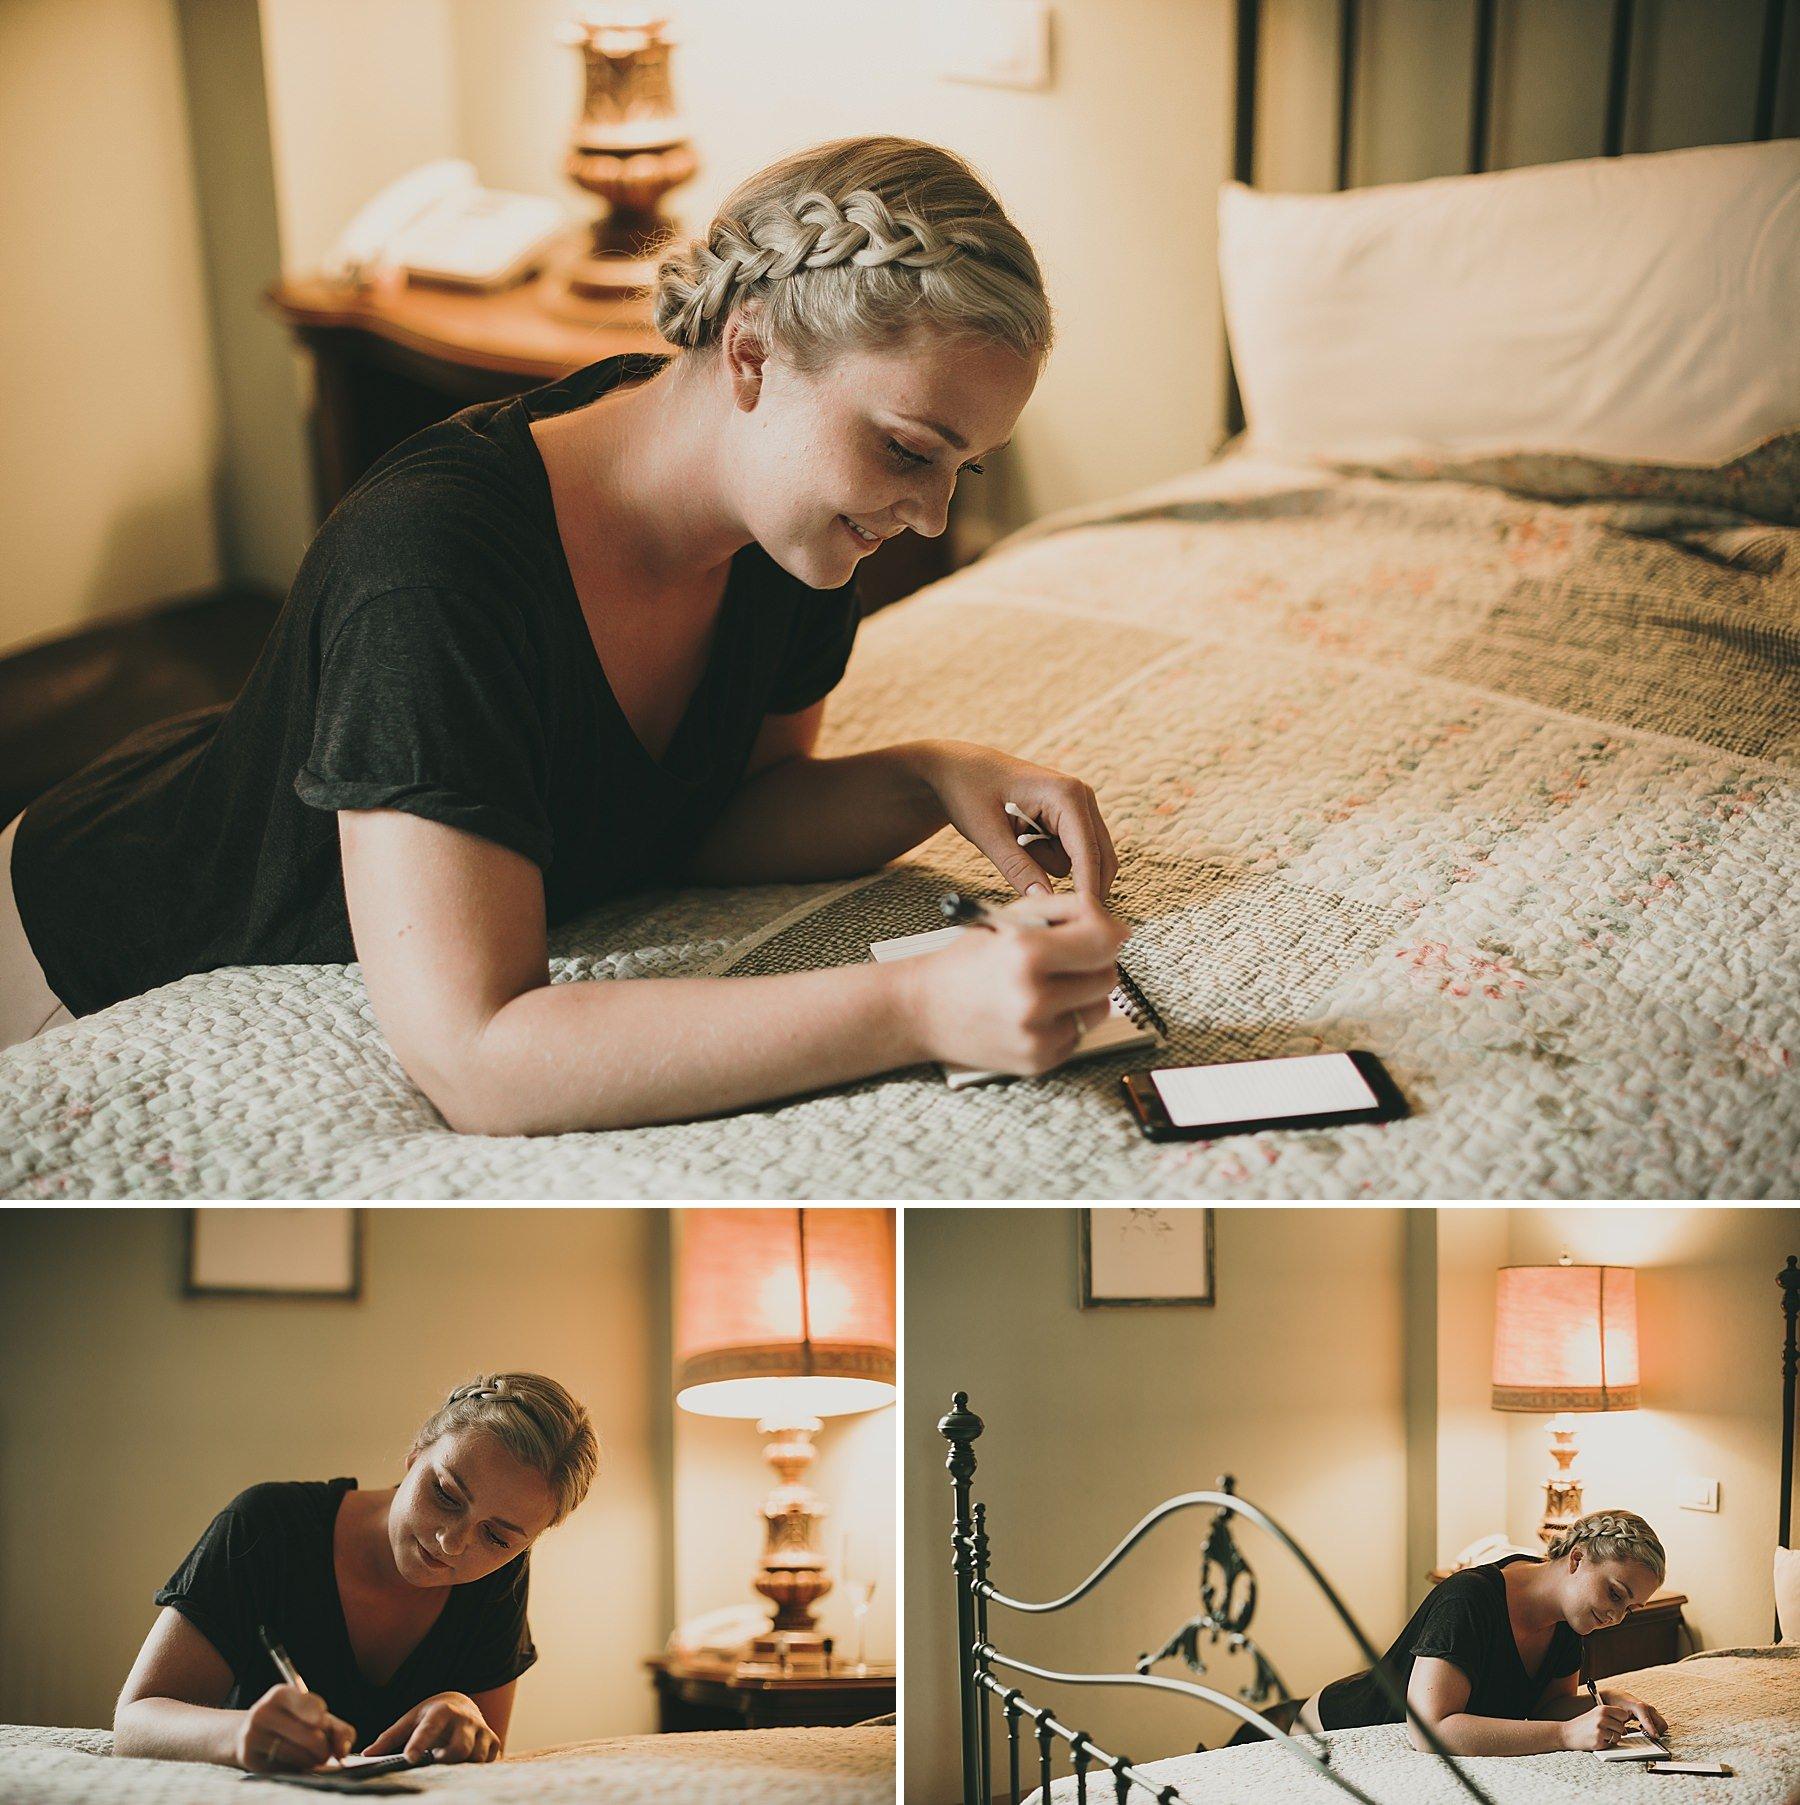 La Sposa durante i preparatici scrive una lettera per suo marito appoggiata sul letto